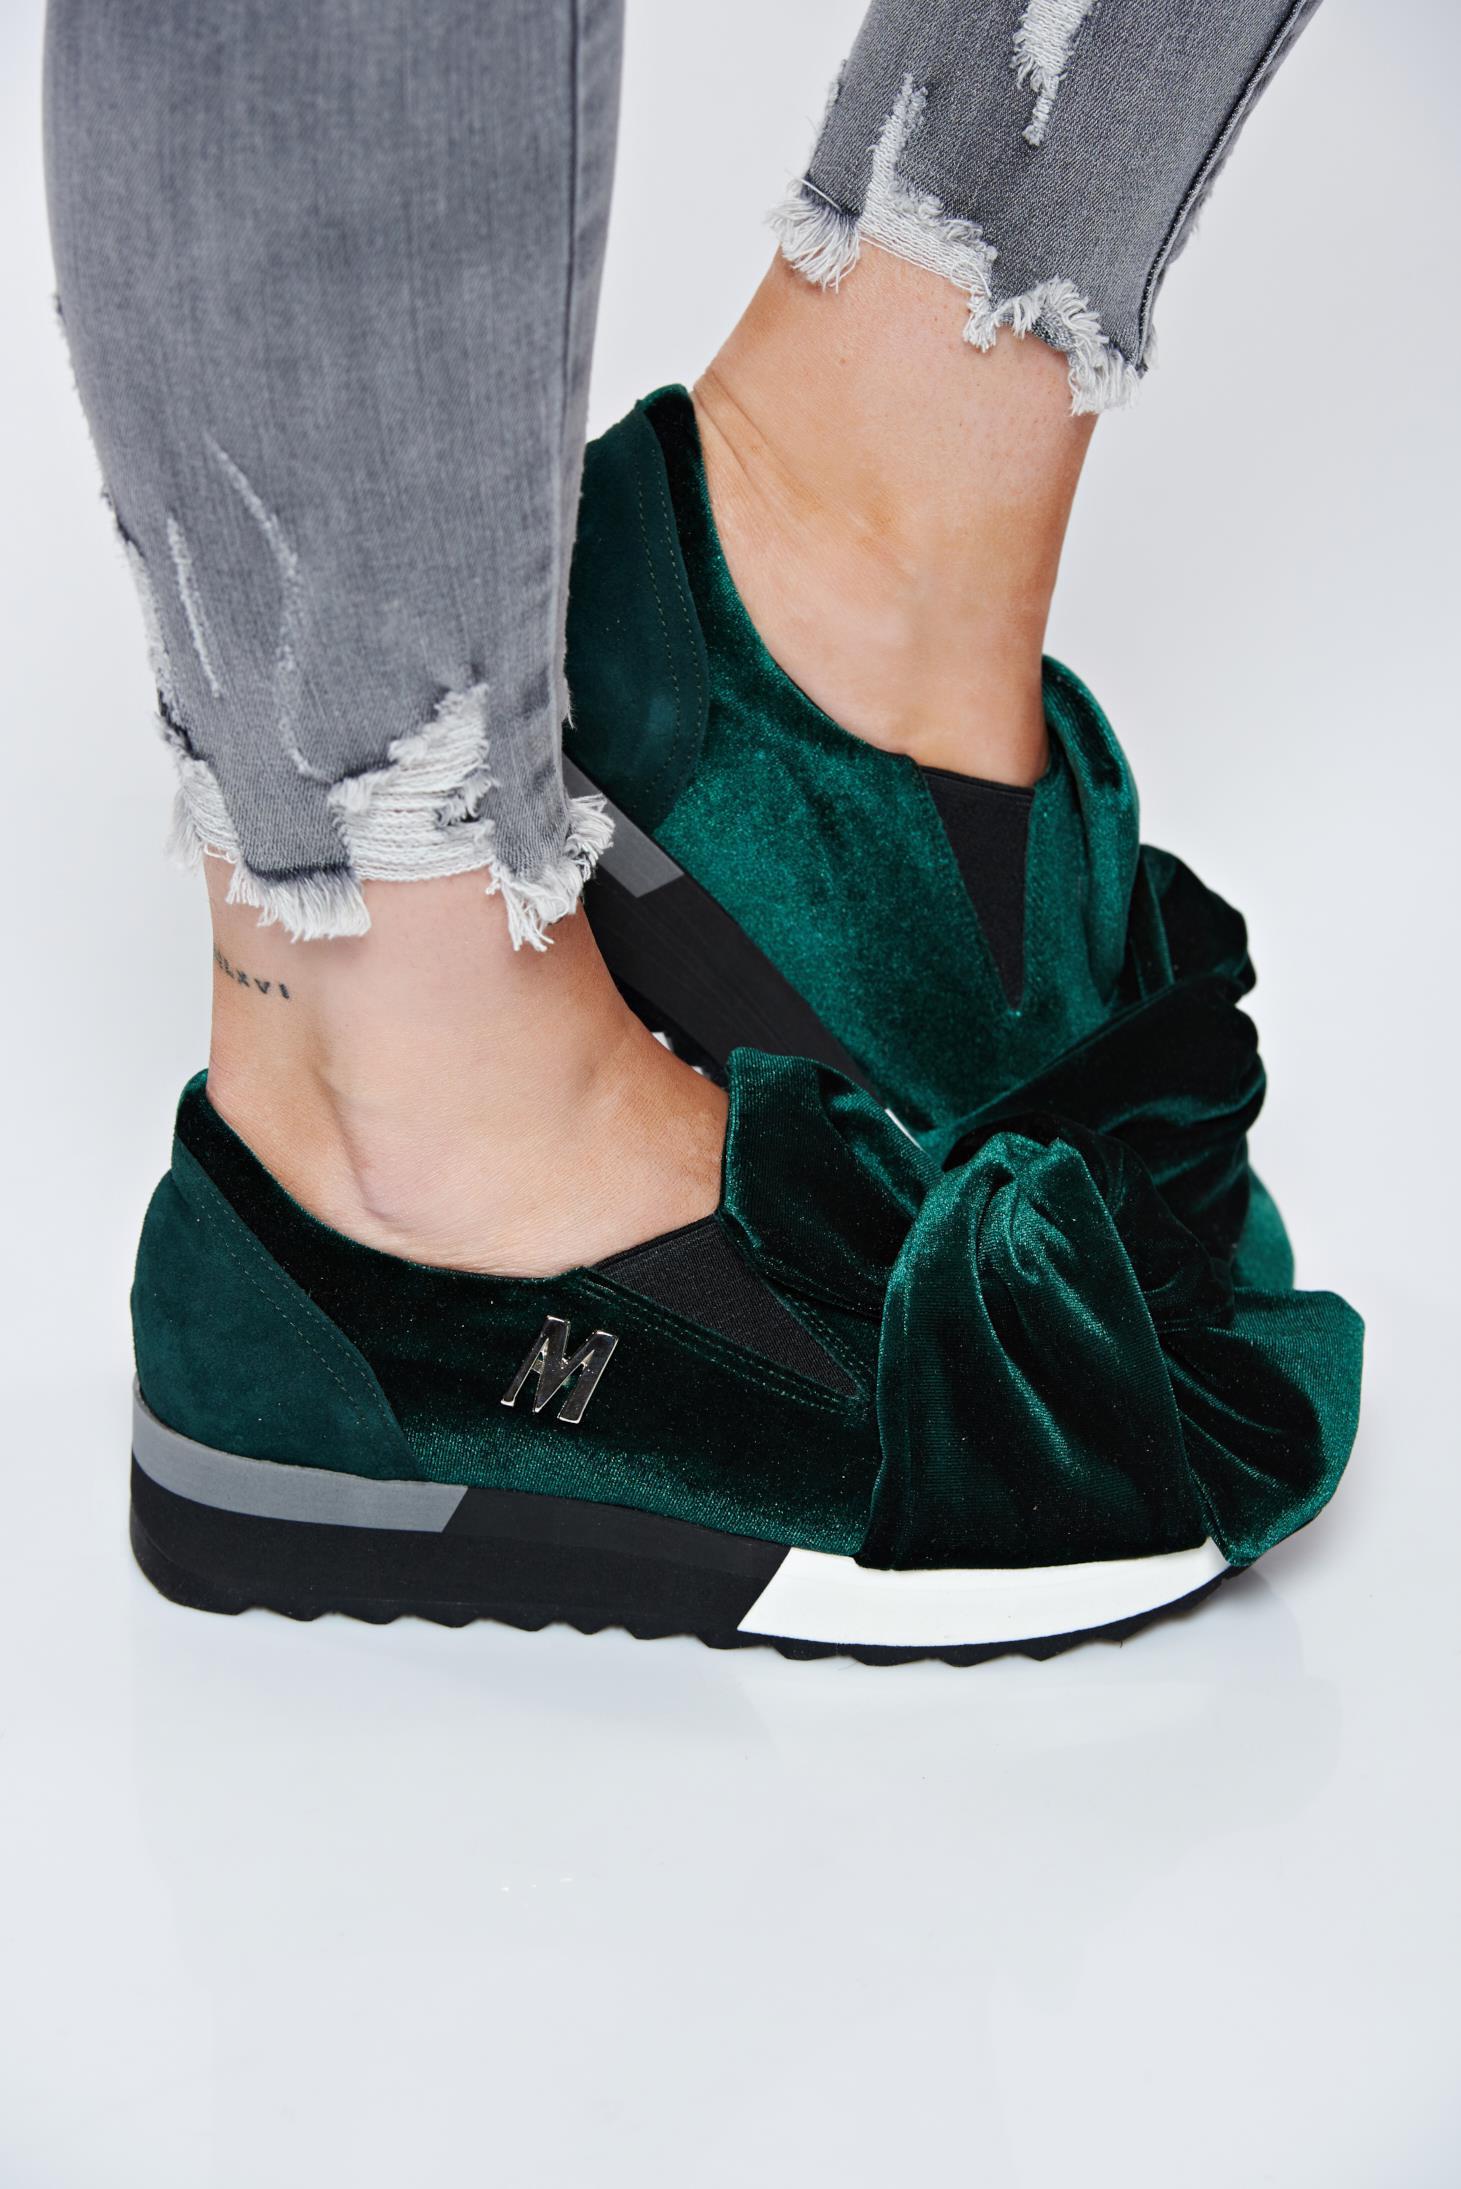 Pantofi sport verde MissQ casual cu talpa usoara din catifea si interior de piele